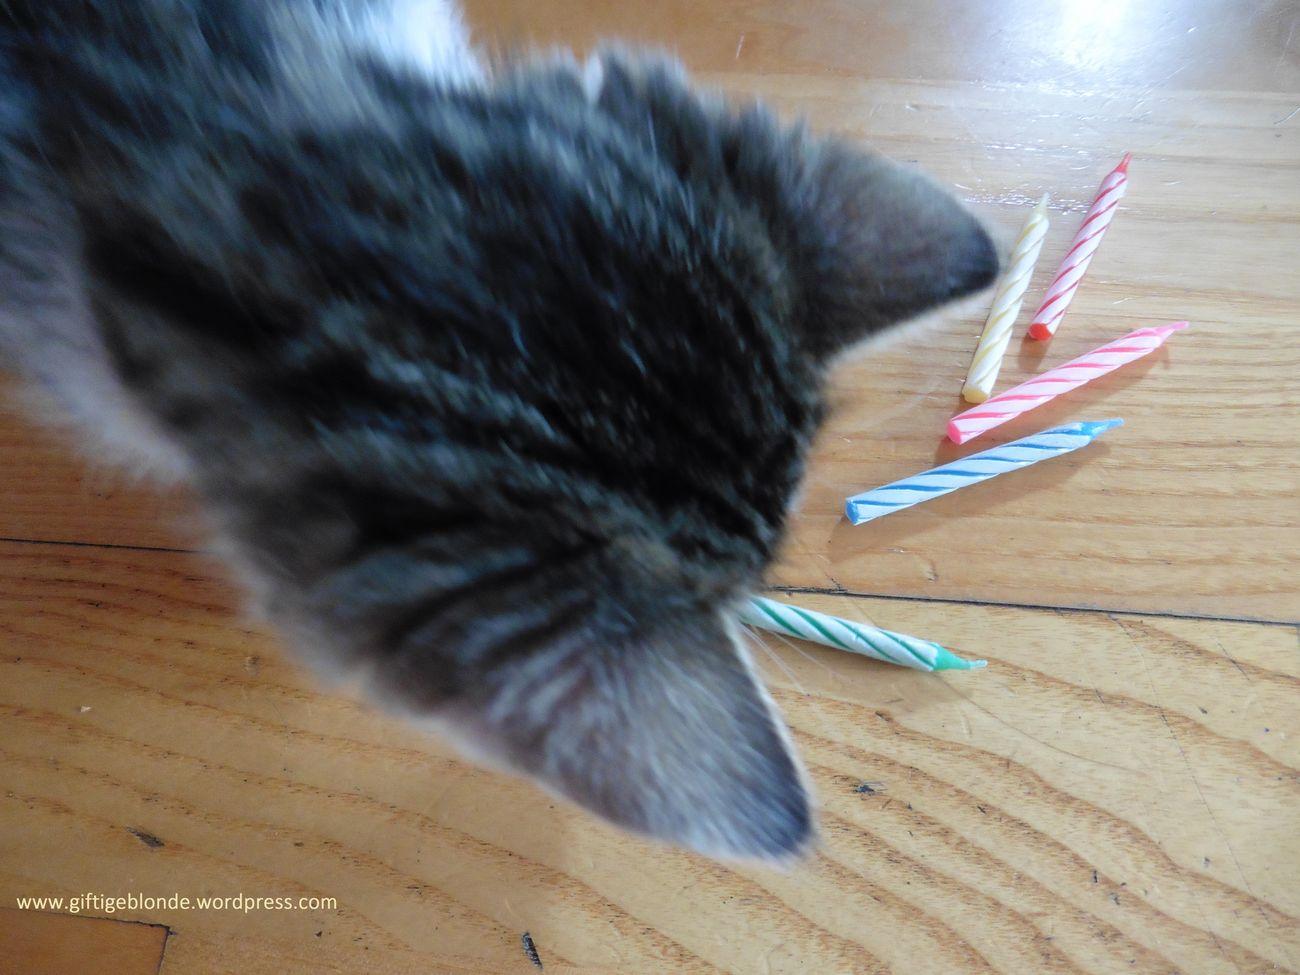 Babycat Cute Cutepets HappyBirthday Kitten Little Boy Nellie Pets